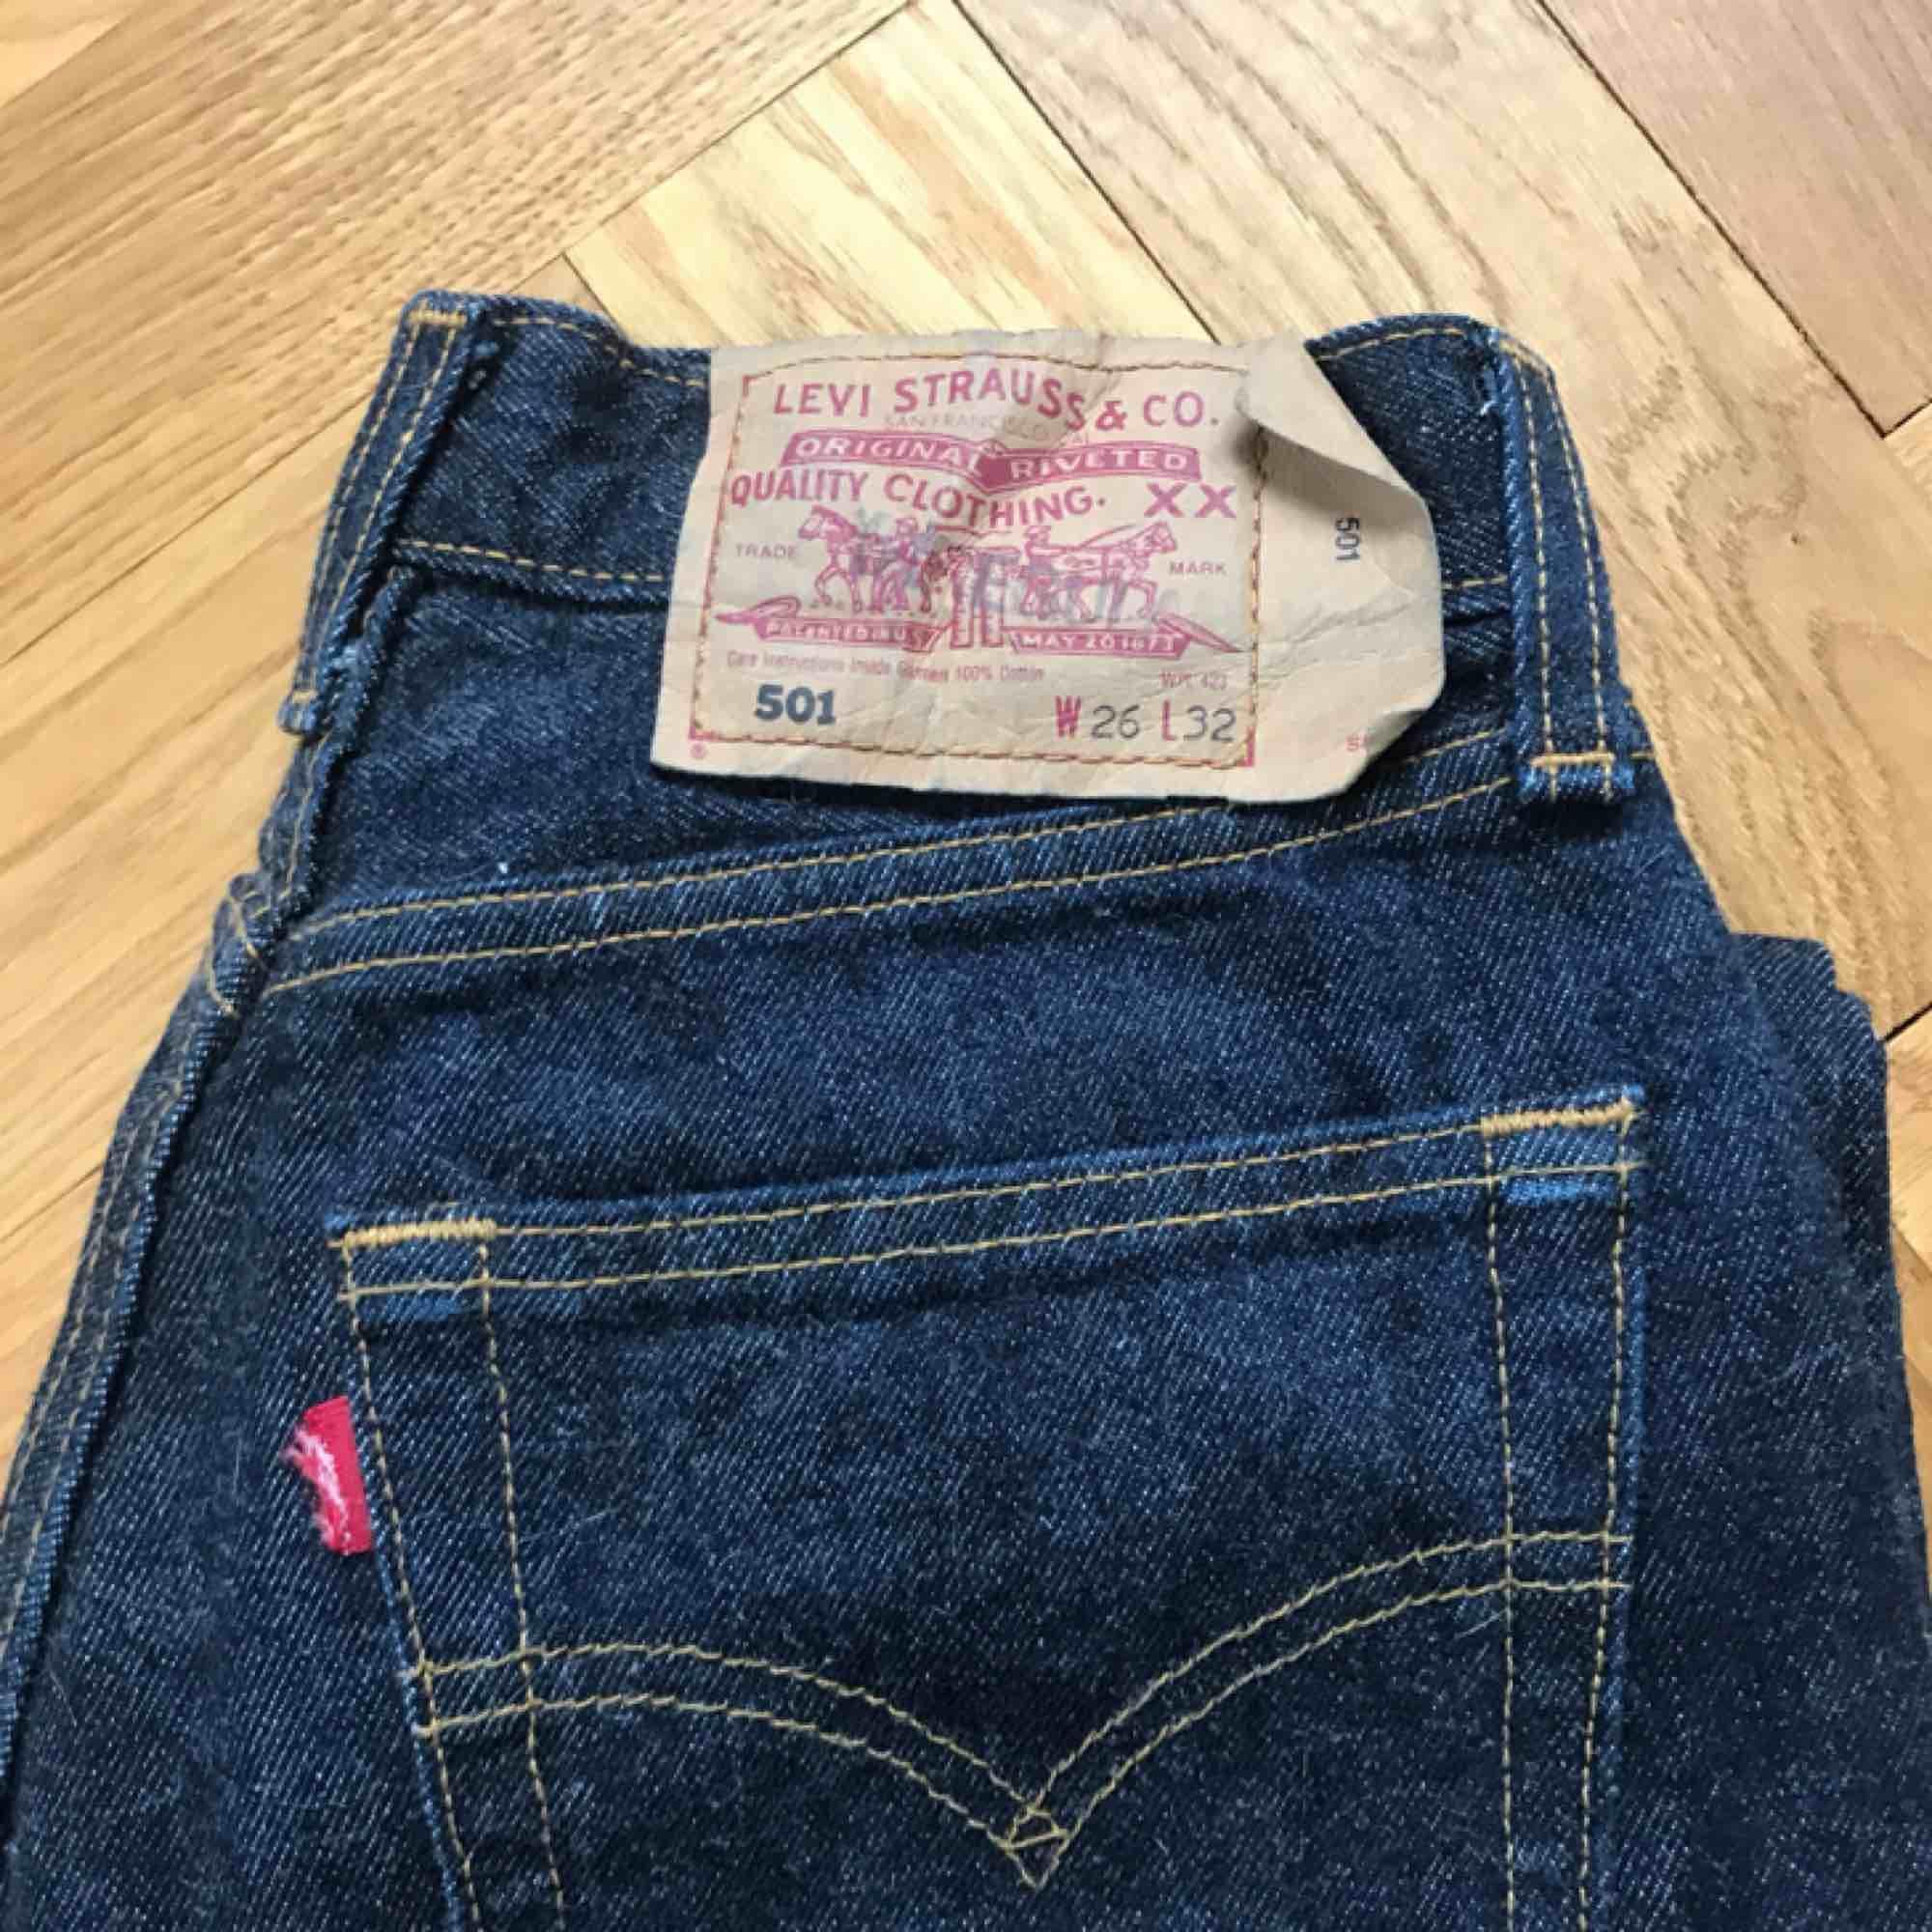 Vintage Levis Jens i klassiska modellen 501! Super snygg tvätt men tyvärr super små för mig. Vintage Levis är små i storleken så tipsar att googla för att förstå storleken!🥰 köpare betalar frakt!. Jeans & Byxor.